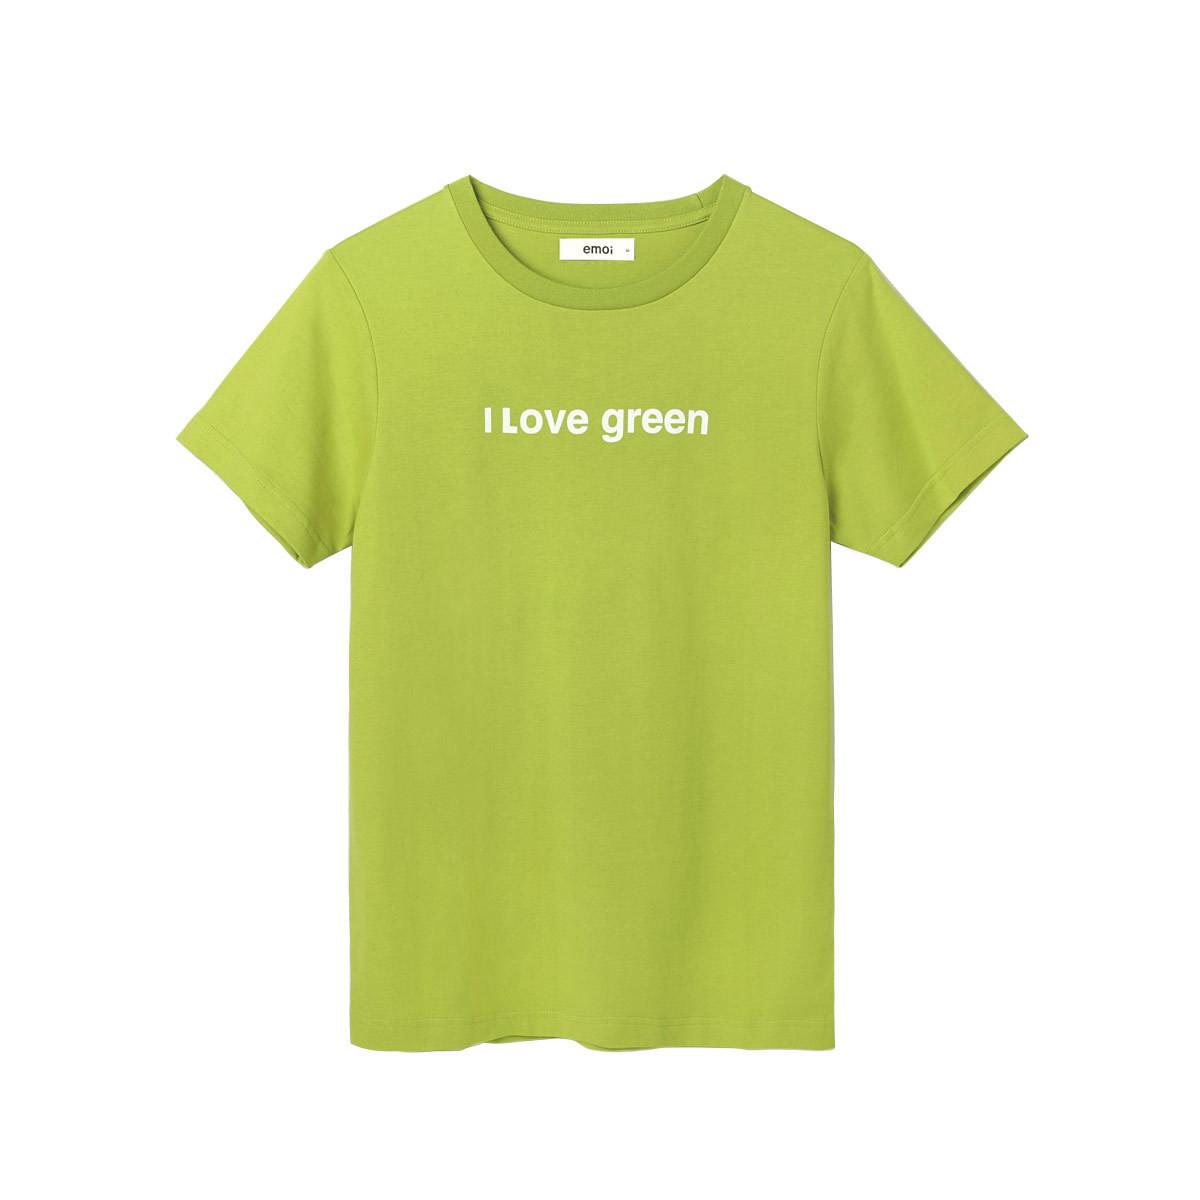 广告T恤电脑数字化制稿的流程